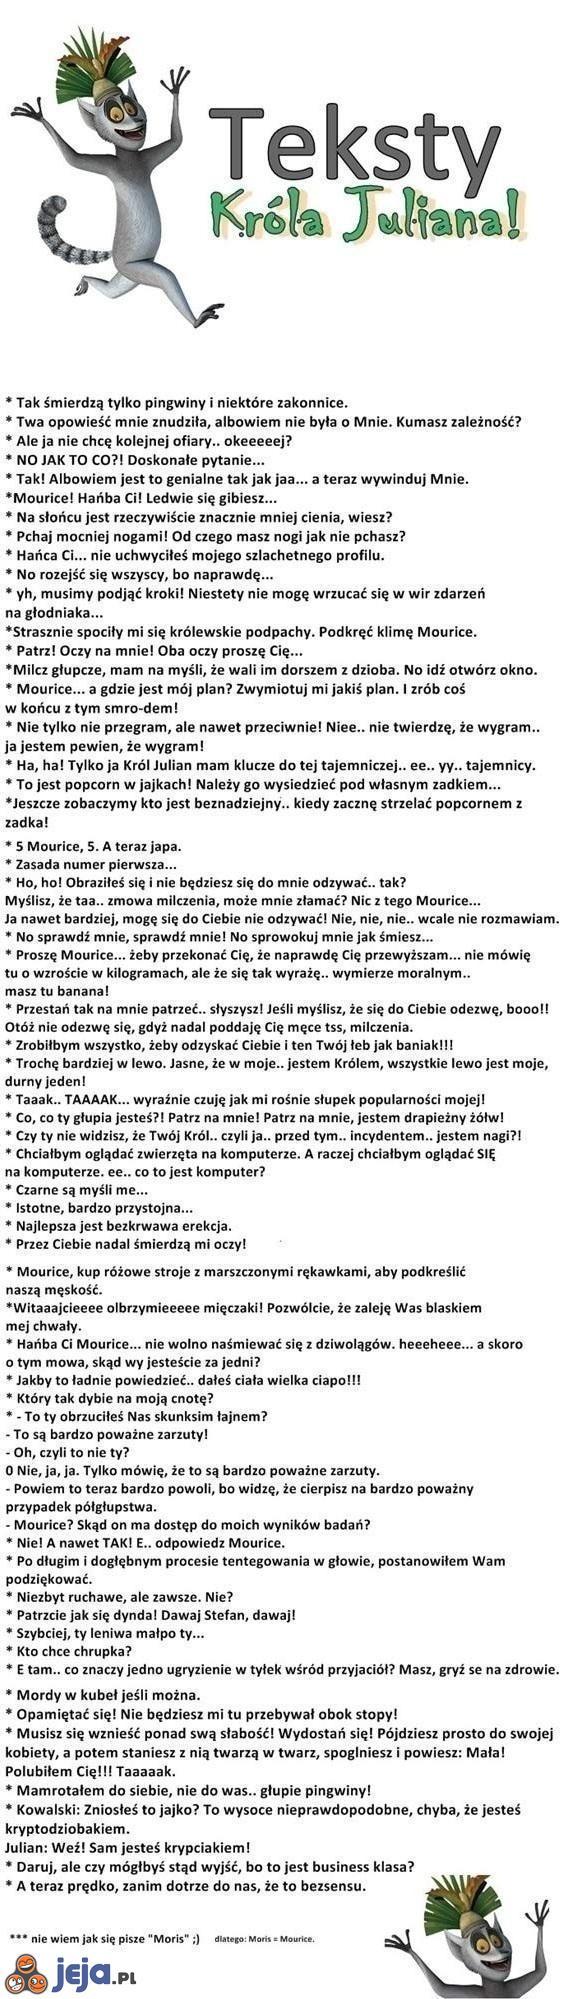 Teksty króla Juliana